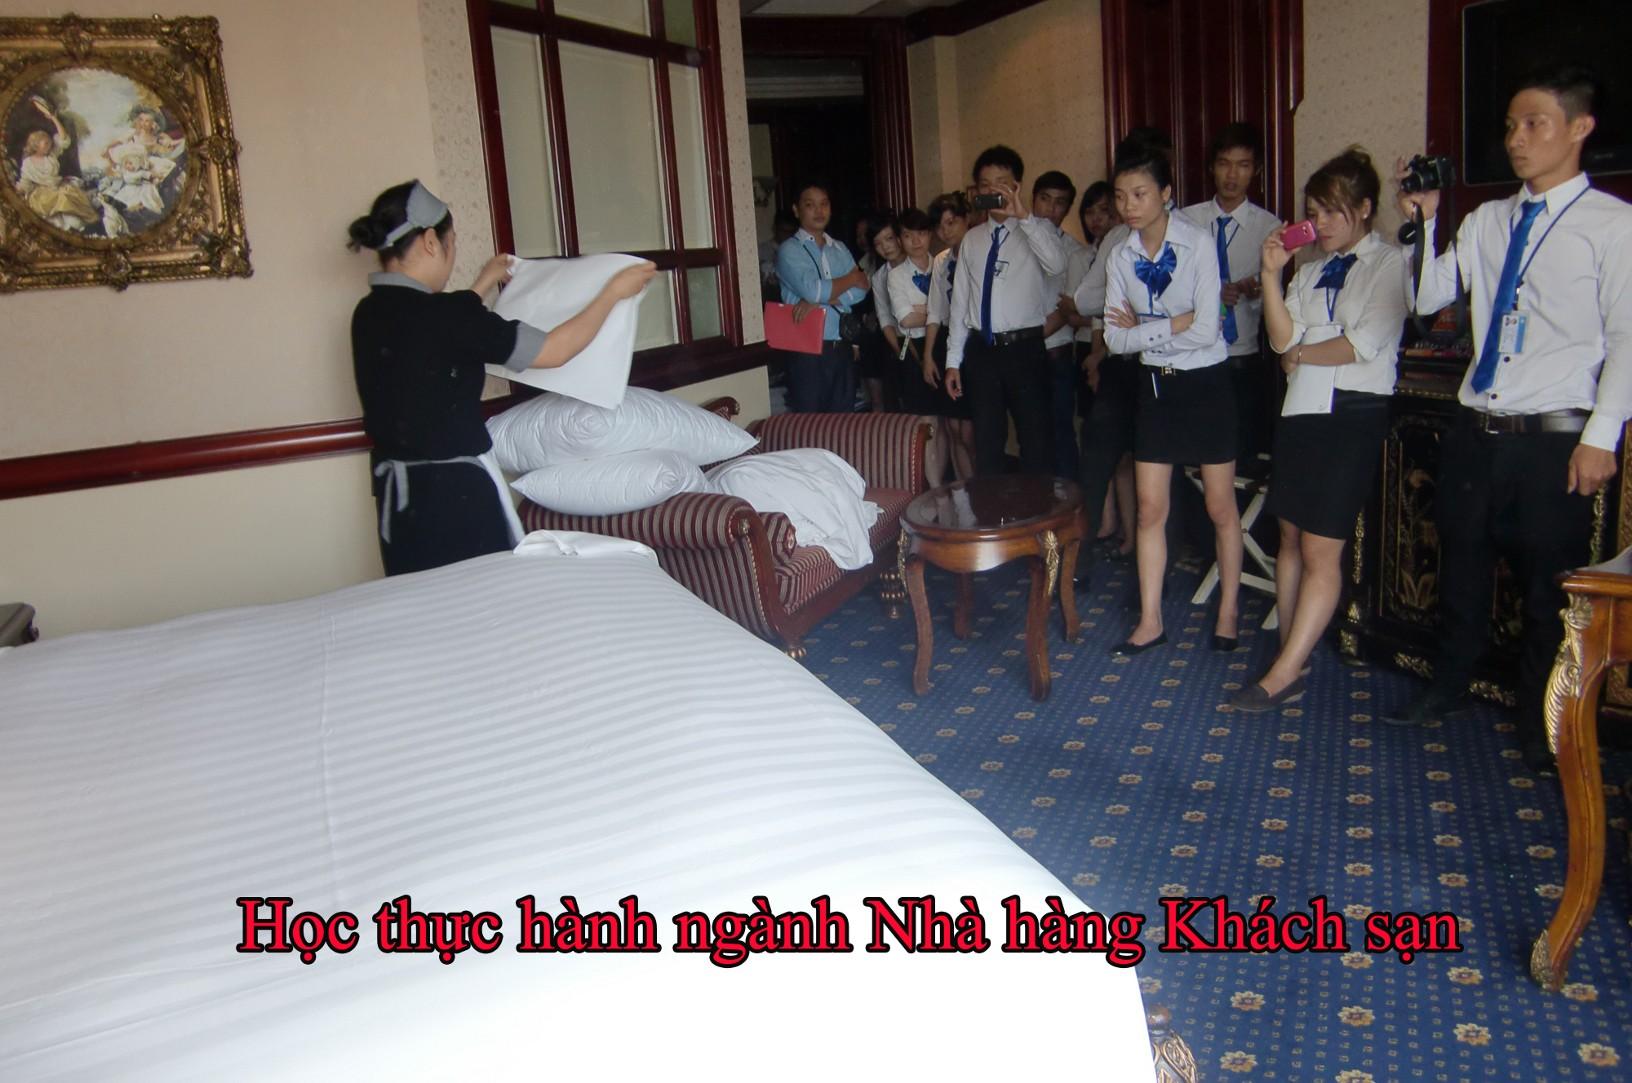 Chuẩn đầu ra ngành nghiệp vụ nhà hàng khách sạn